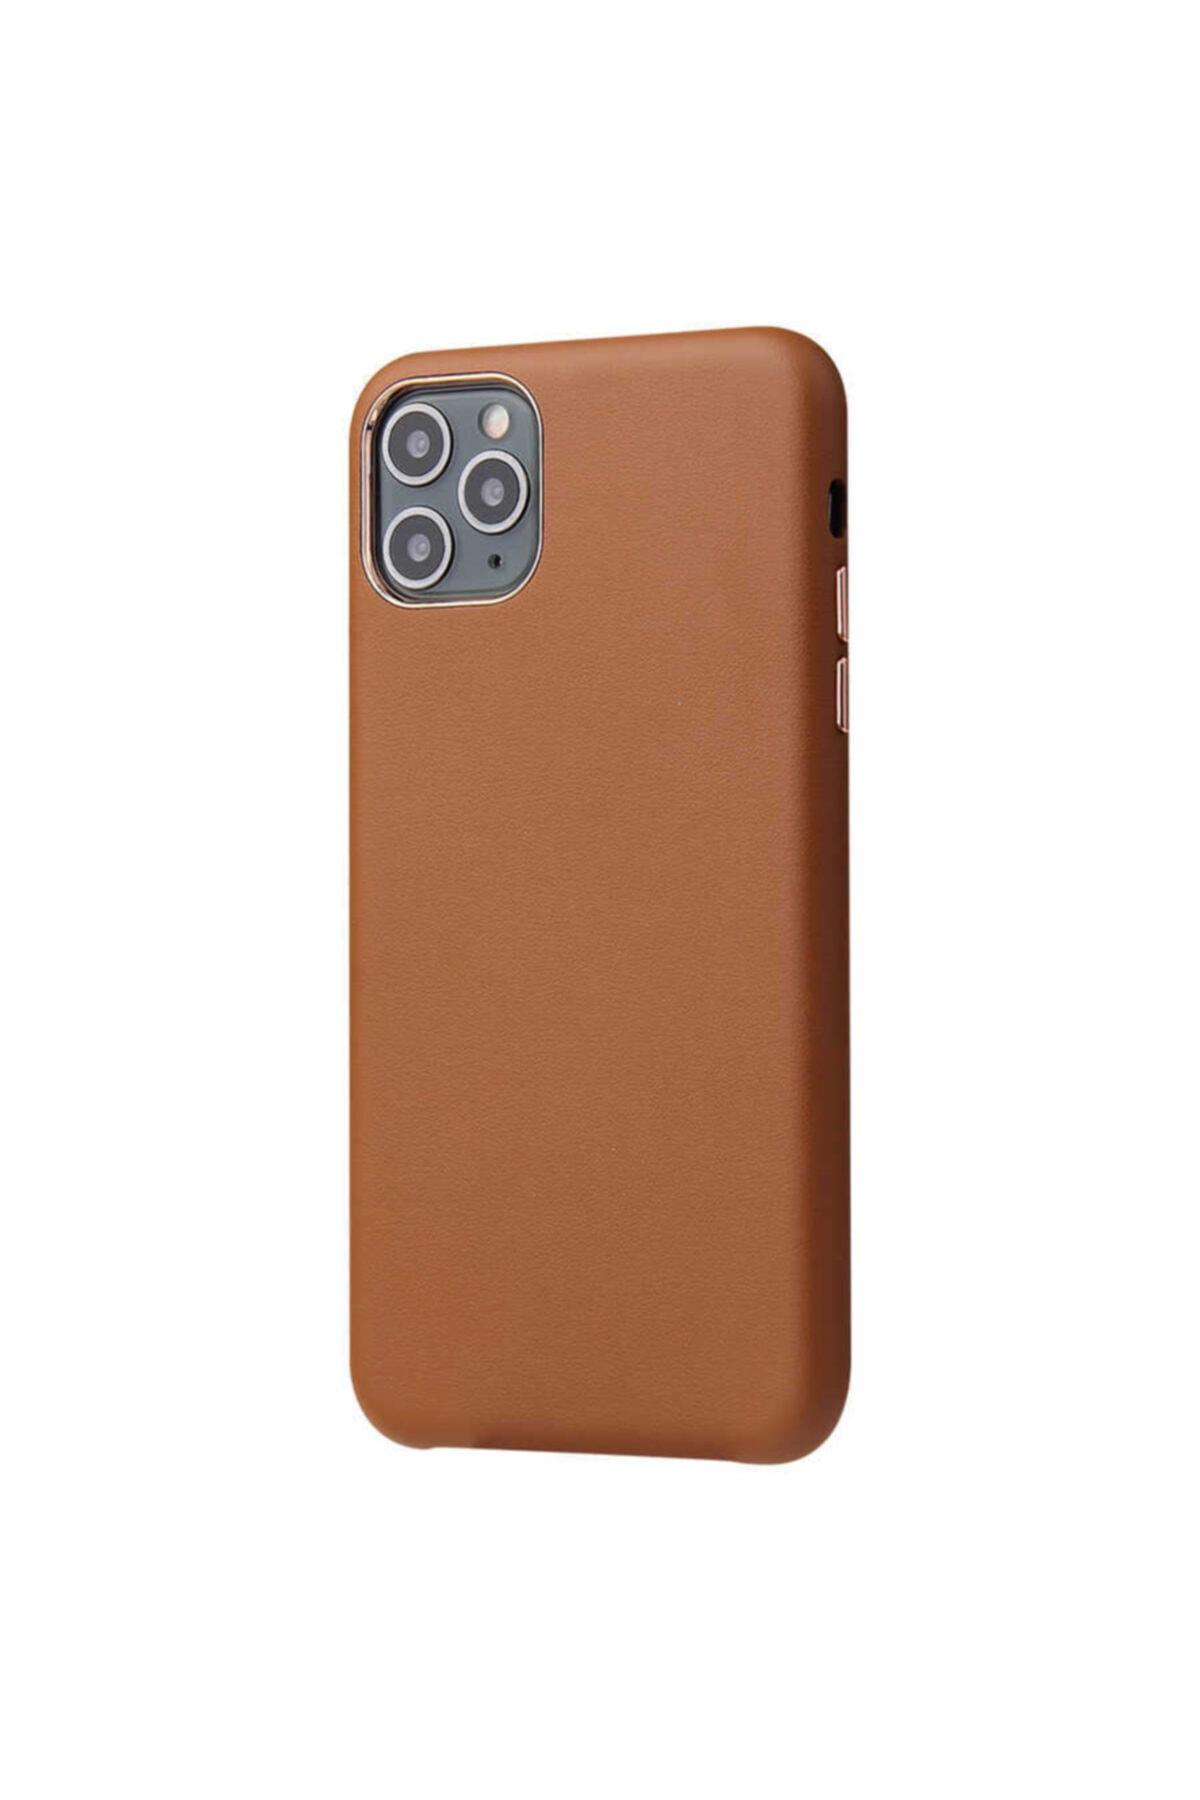 Iphone 11 Pro Max Kılıf Lotus Gerçek Deri Kapak Leather Silikon Koruma Kılıf